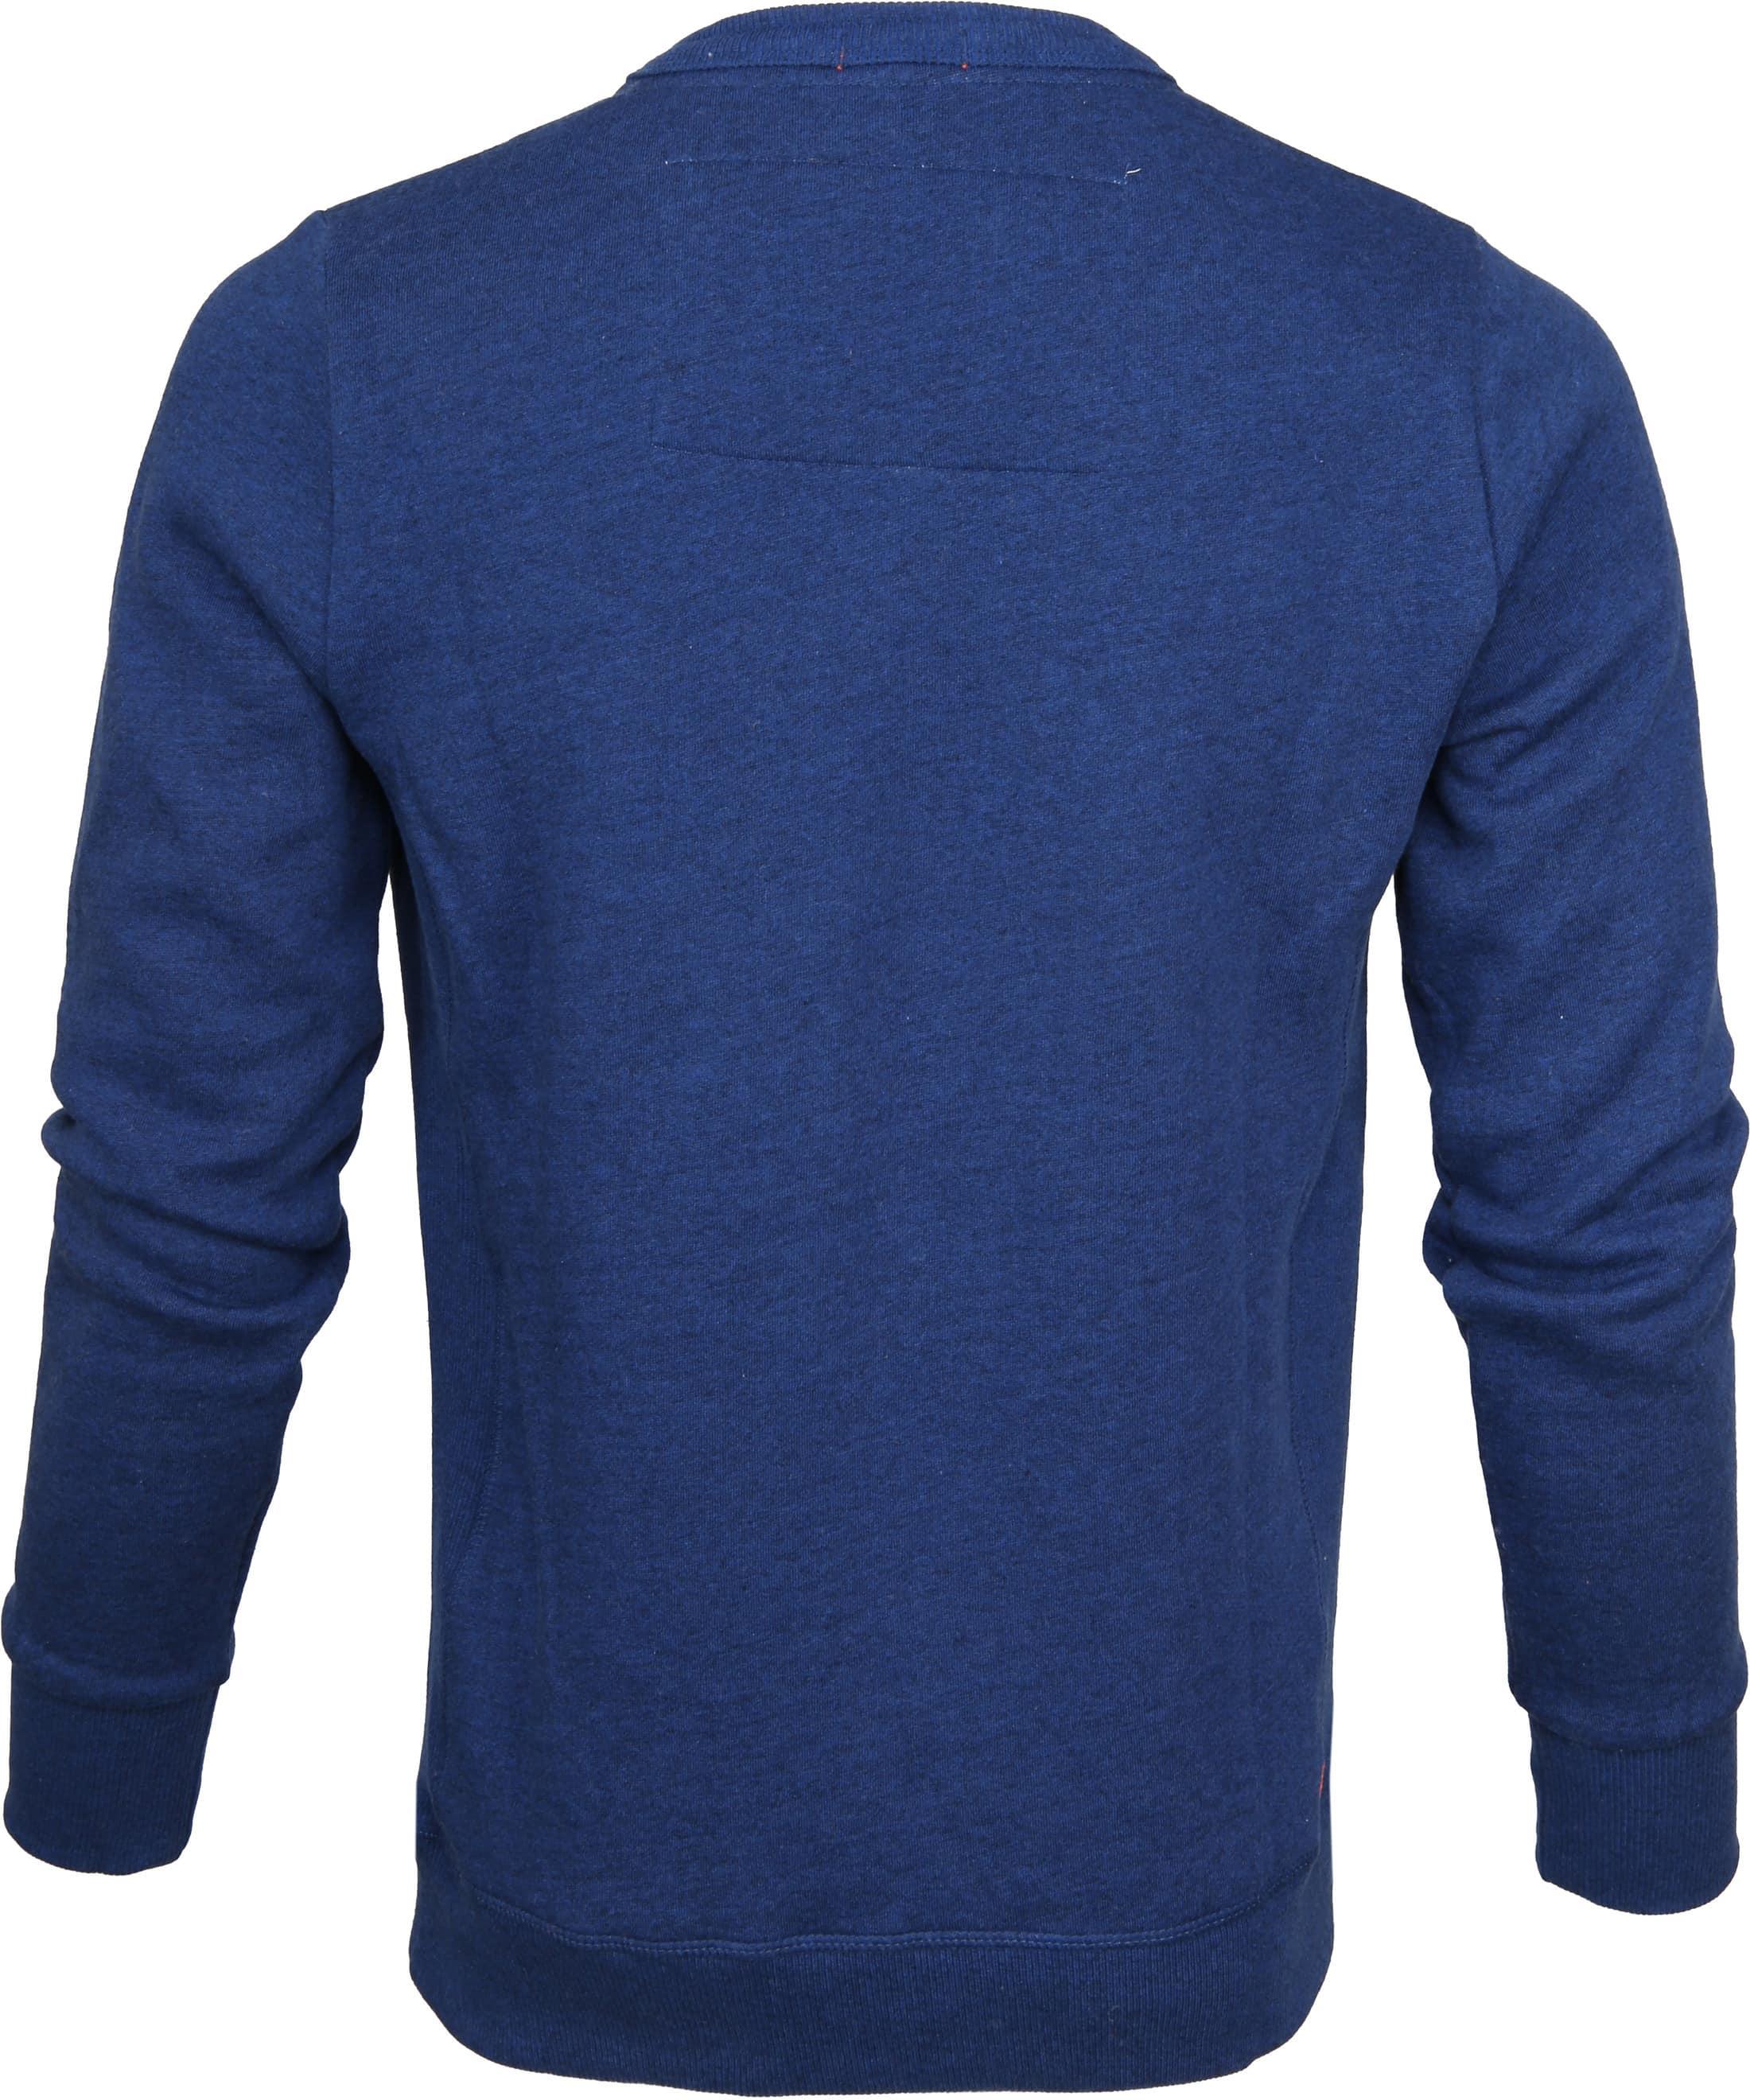 Superdry Sweater Blau Melange foto 2